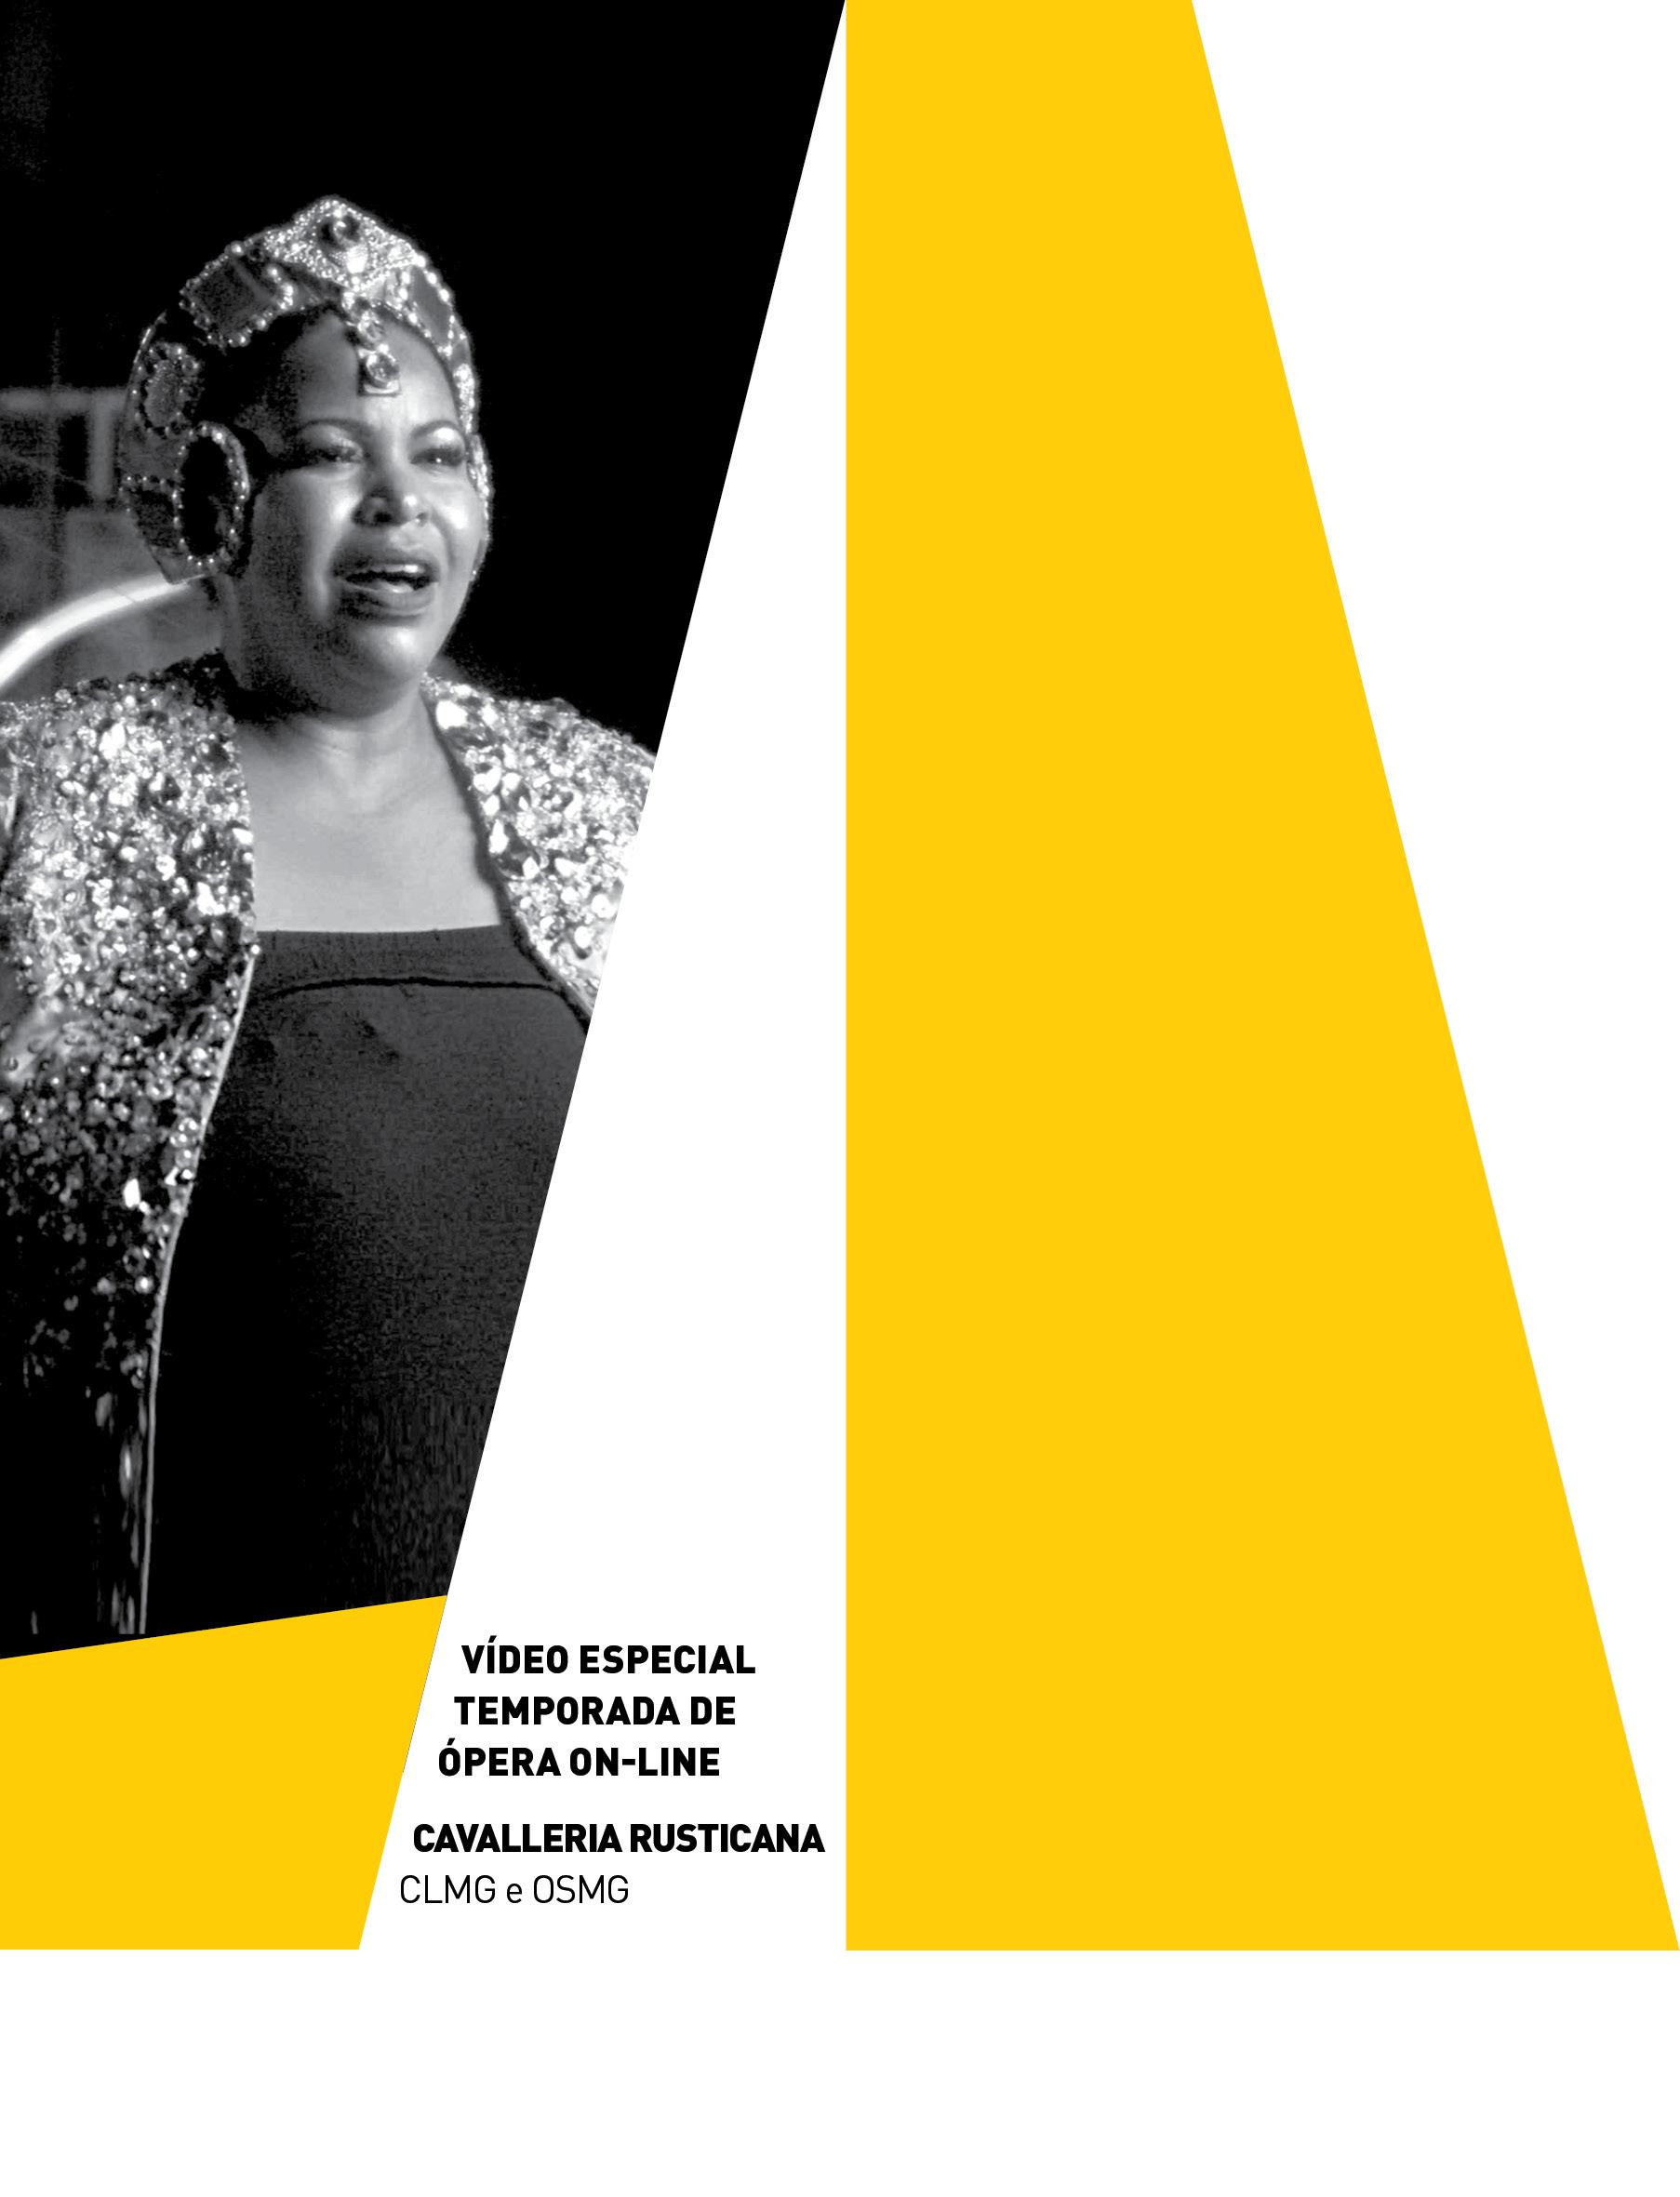 Evento: Vídeo Especial Temporada de Ópera | Cavalleria Rusticana | OSMG e CLMG